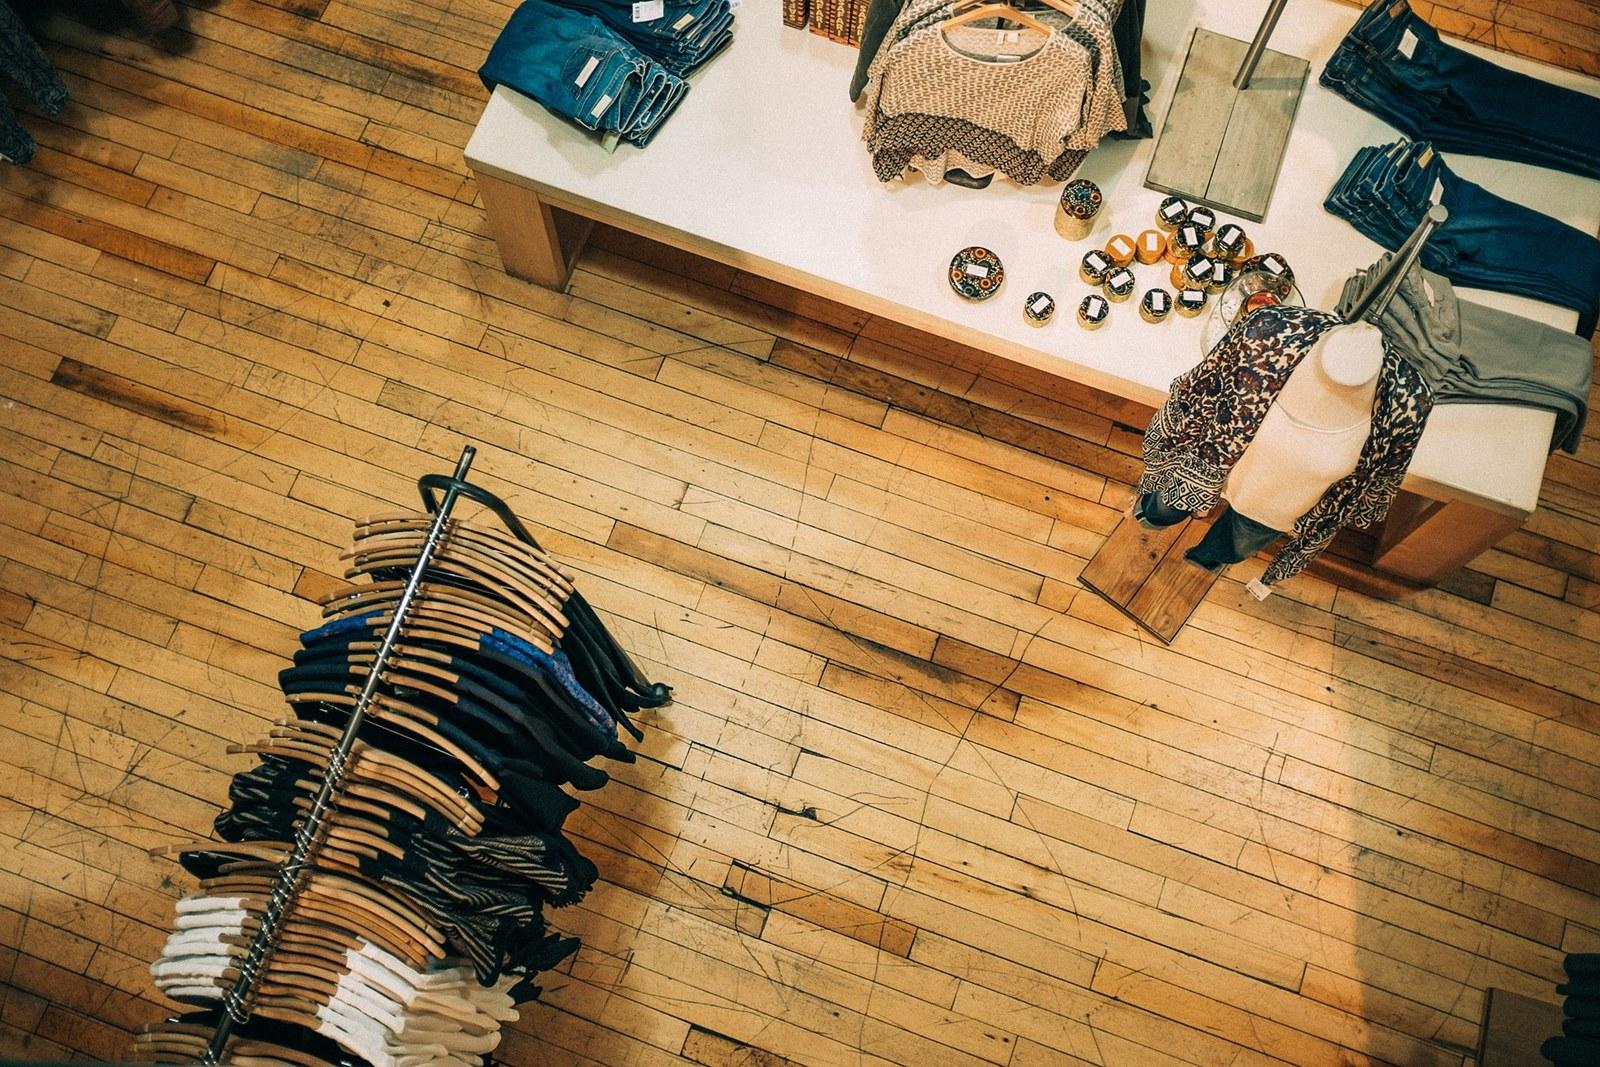 Jak wygląda praca w sieciówce odzieżowej, jak wygląda praca w sklepie, praca sprzedawcy w sieciówce odzieżowej, plusy i minusy pracy w sklepie odzieżowym, praca w sieciówce, sieciówka odzieżowa, sklep z ubraniami